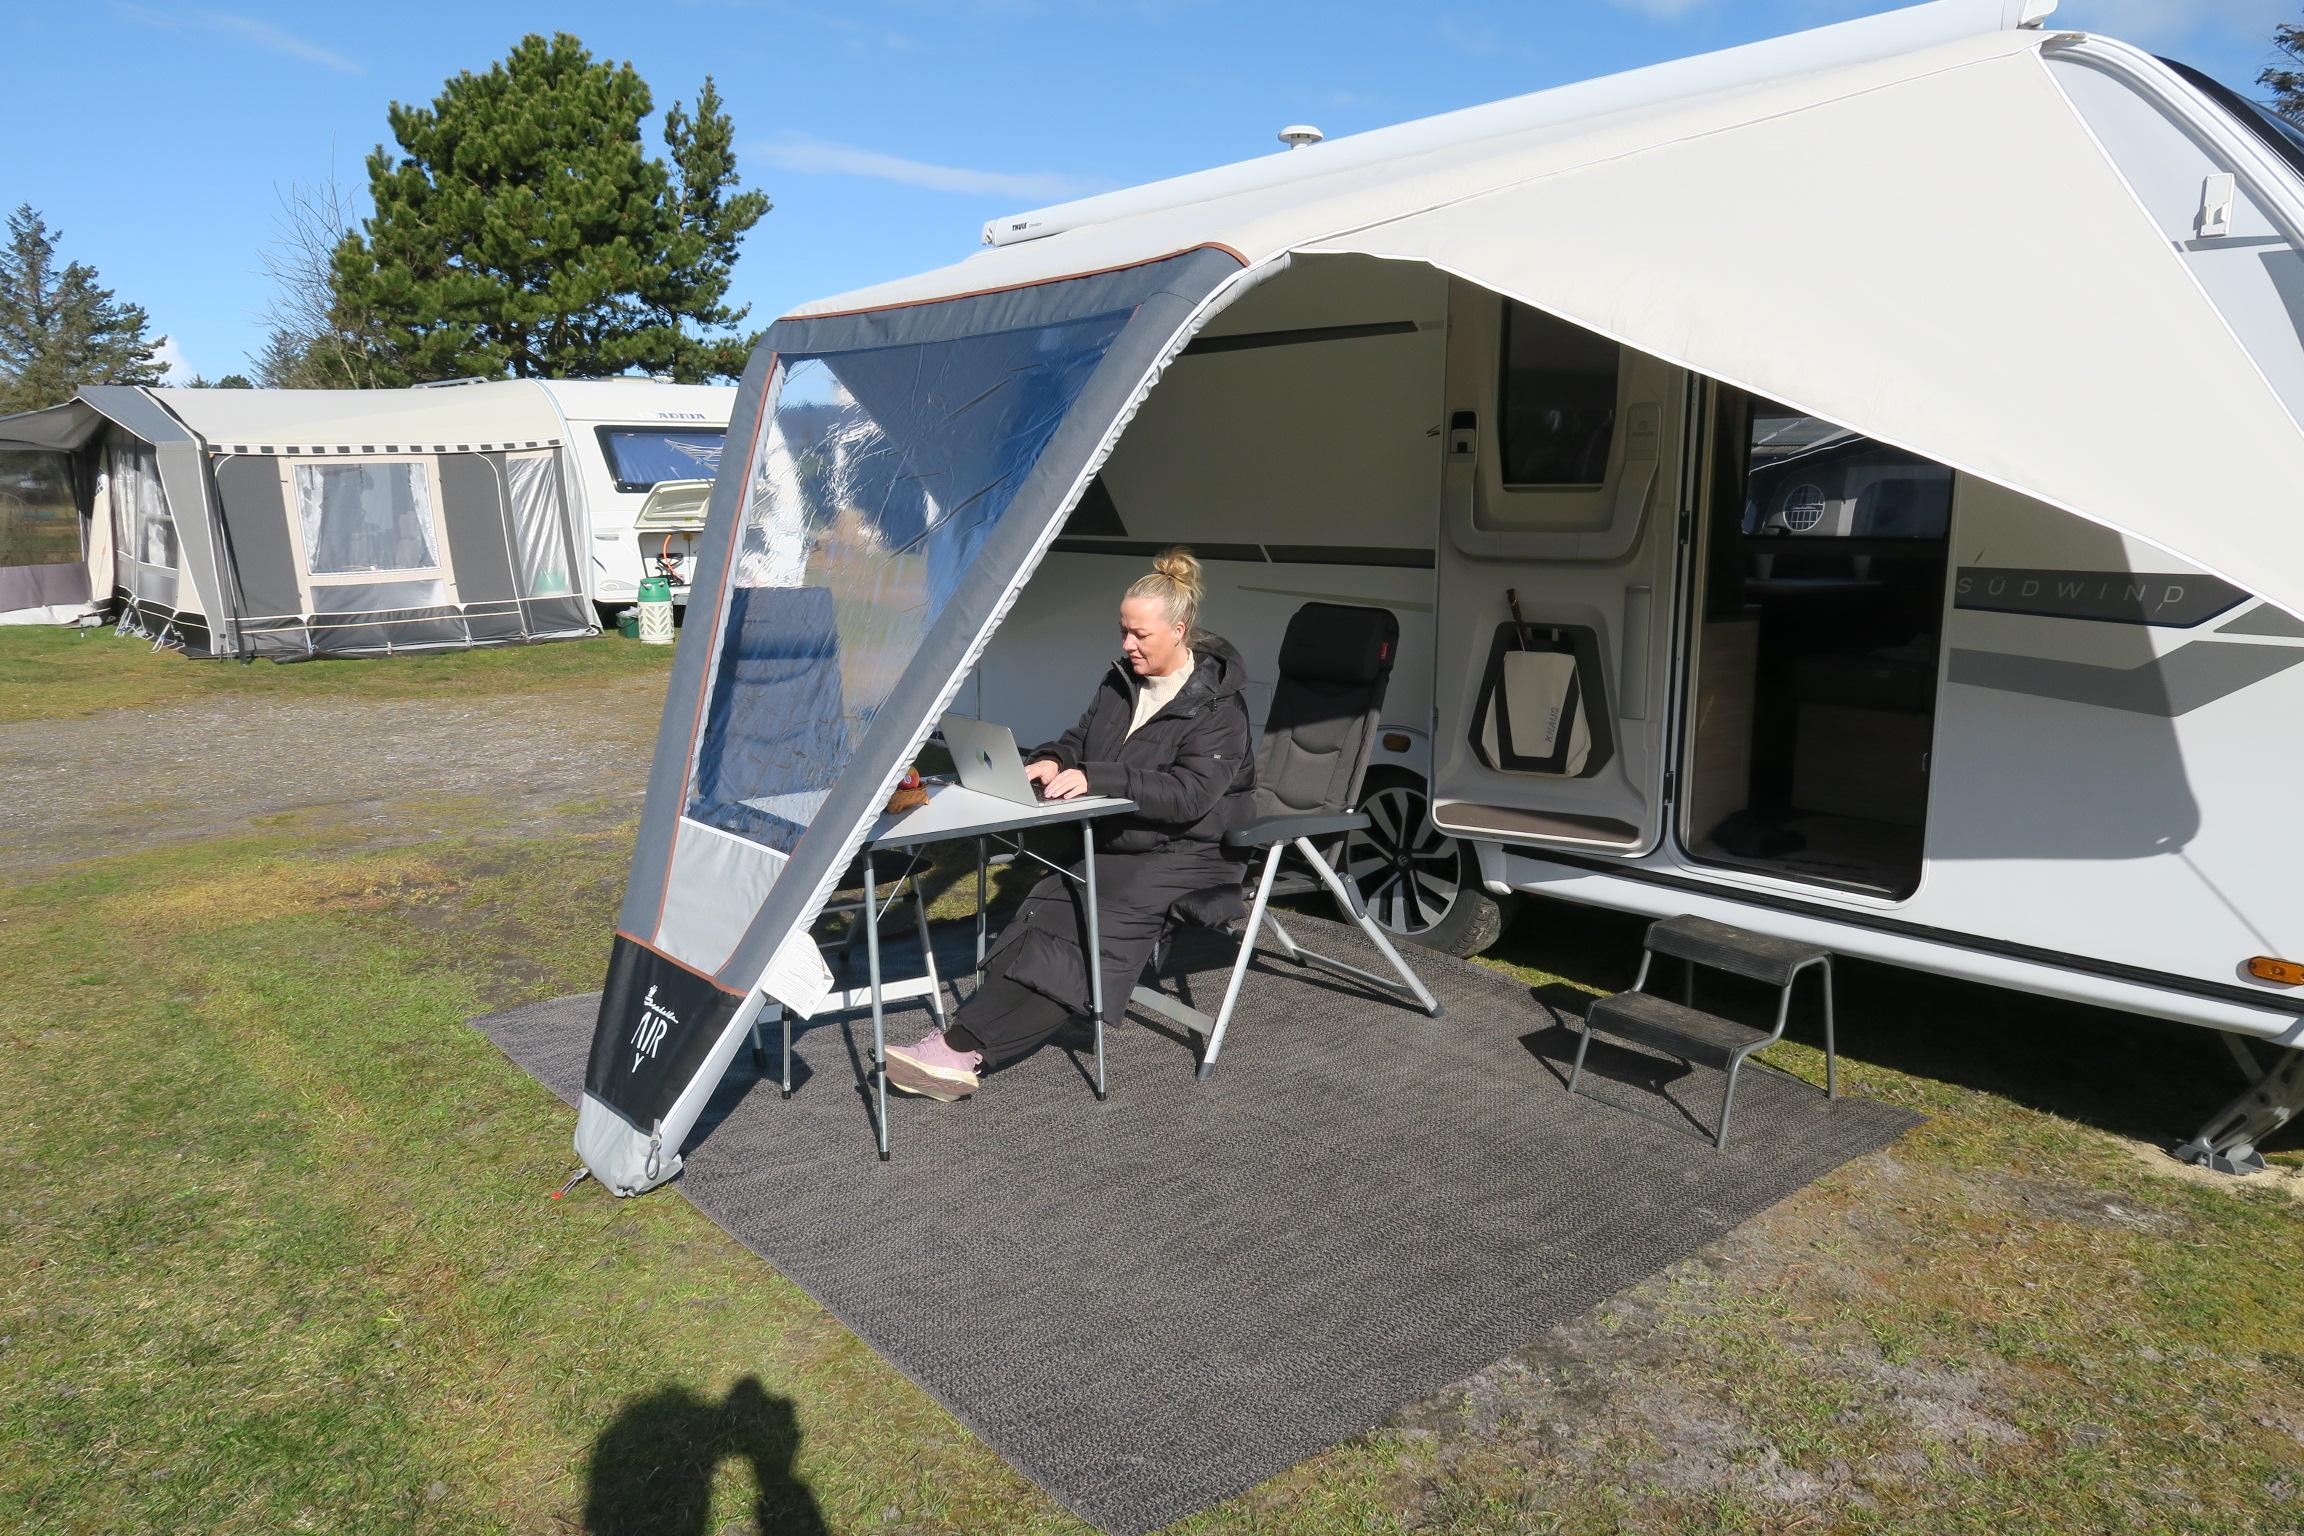 Campingtur med rabat på overnatning og test af 4 solsejl - del 3 + film (Reklame)